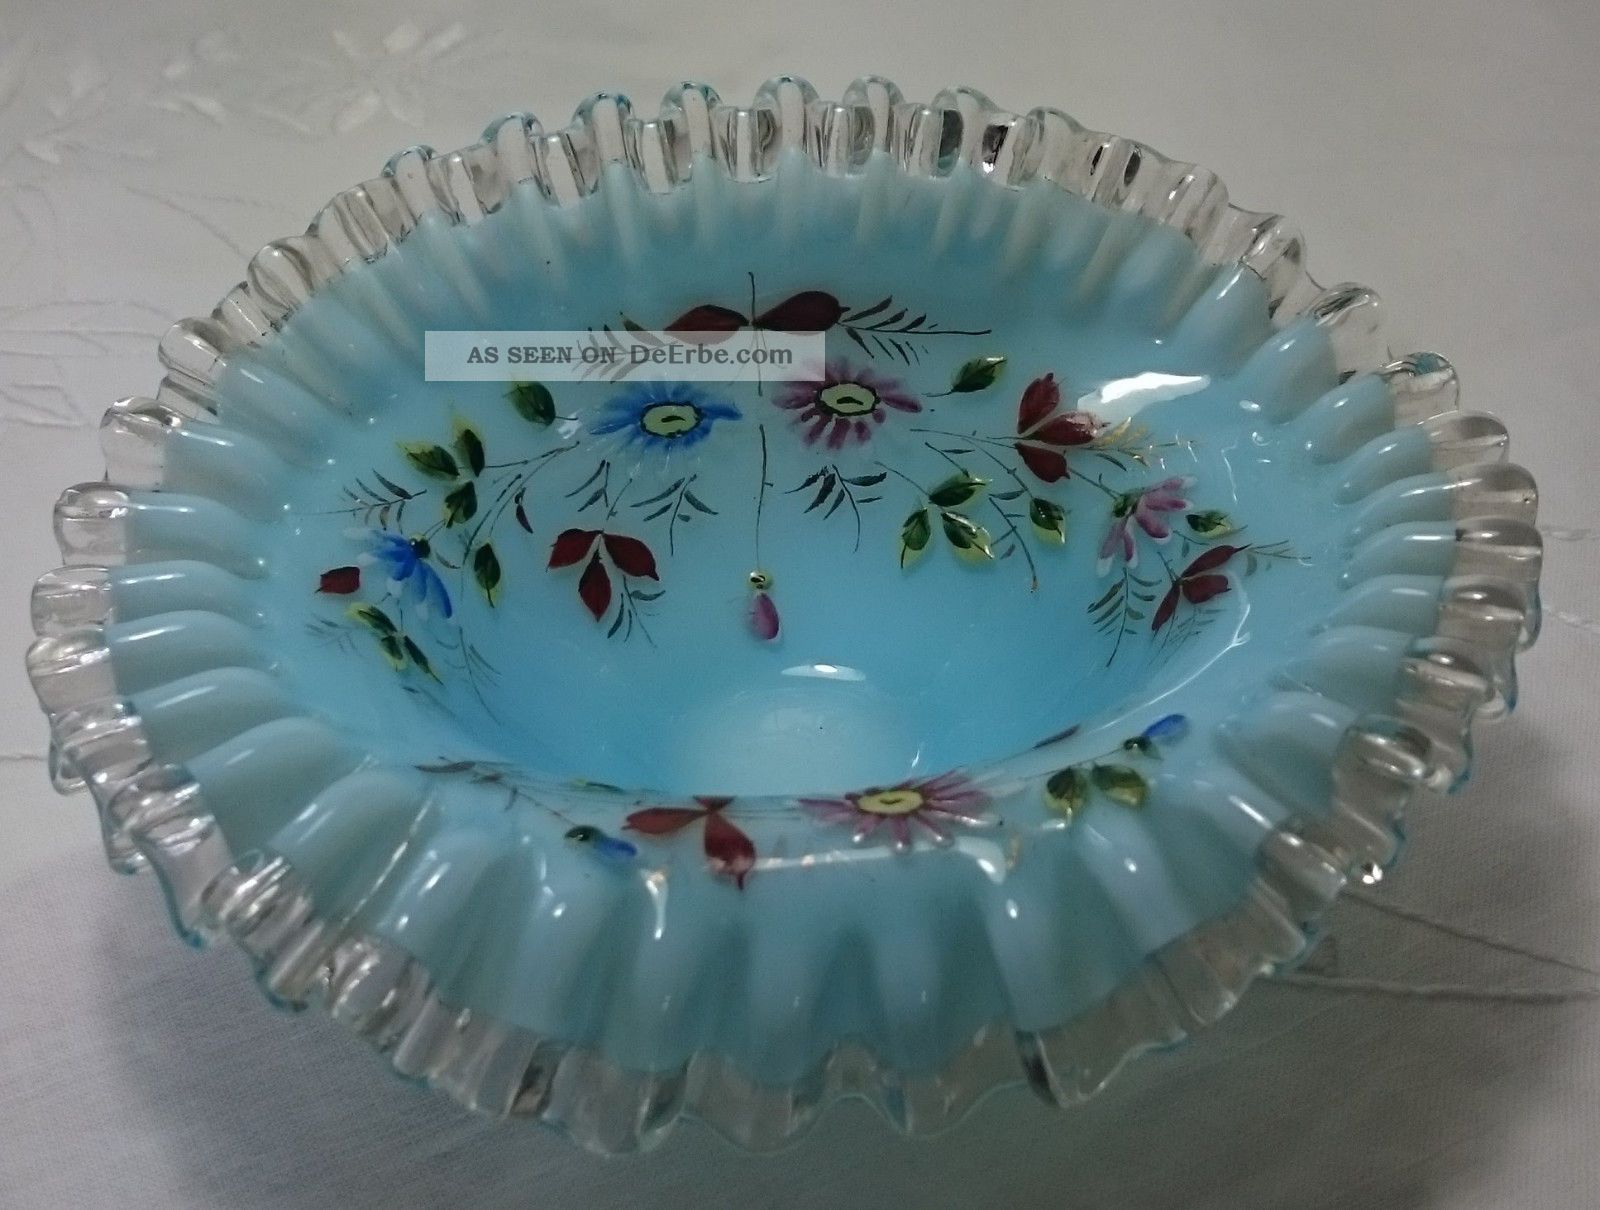 Hellblaues Opalin - Glasschälchen Mit Email - Malerei,  Evtl.  1910 - 1920 Glas & Kristall Bild